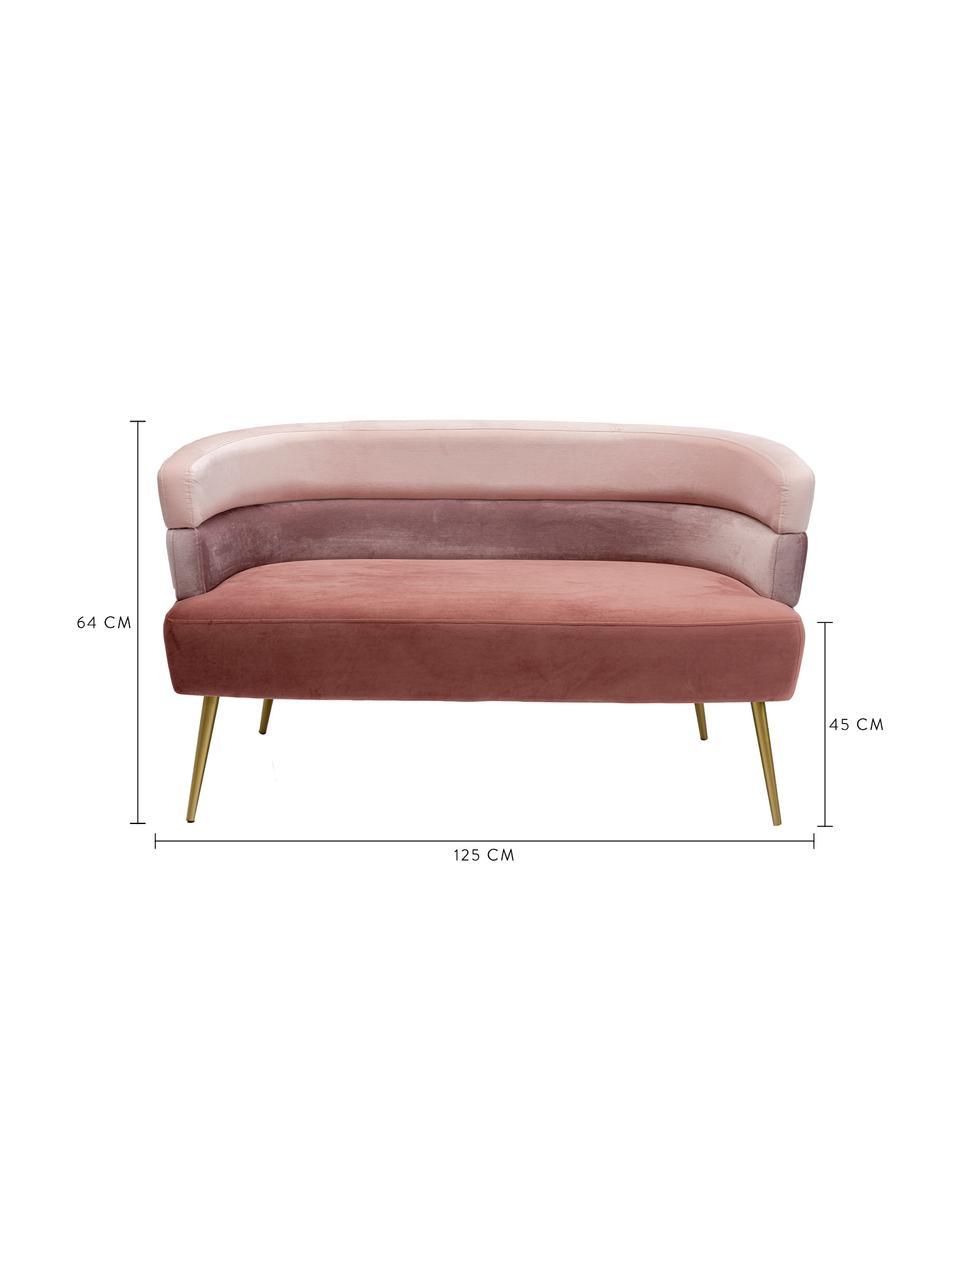 Sofa z aksamitu Sandwich (2-osobowa), Tapicerka: aksamit poliestrowy, Nogi: metal malowany proszkowo, Aksamitny blady różowy, S 125 x G 64 cm